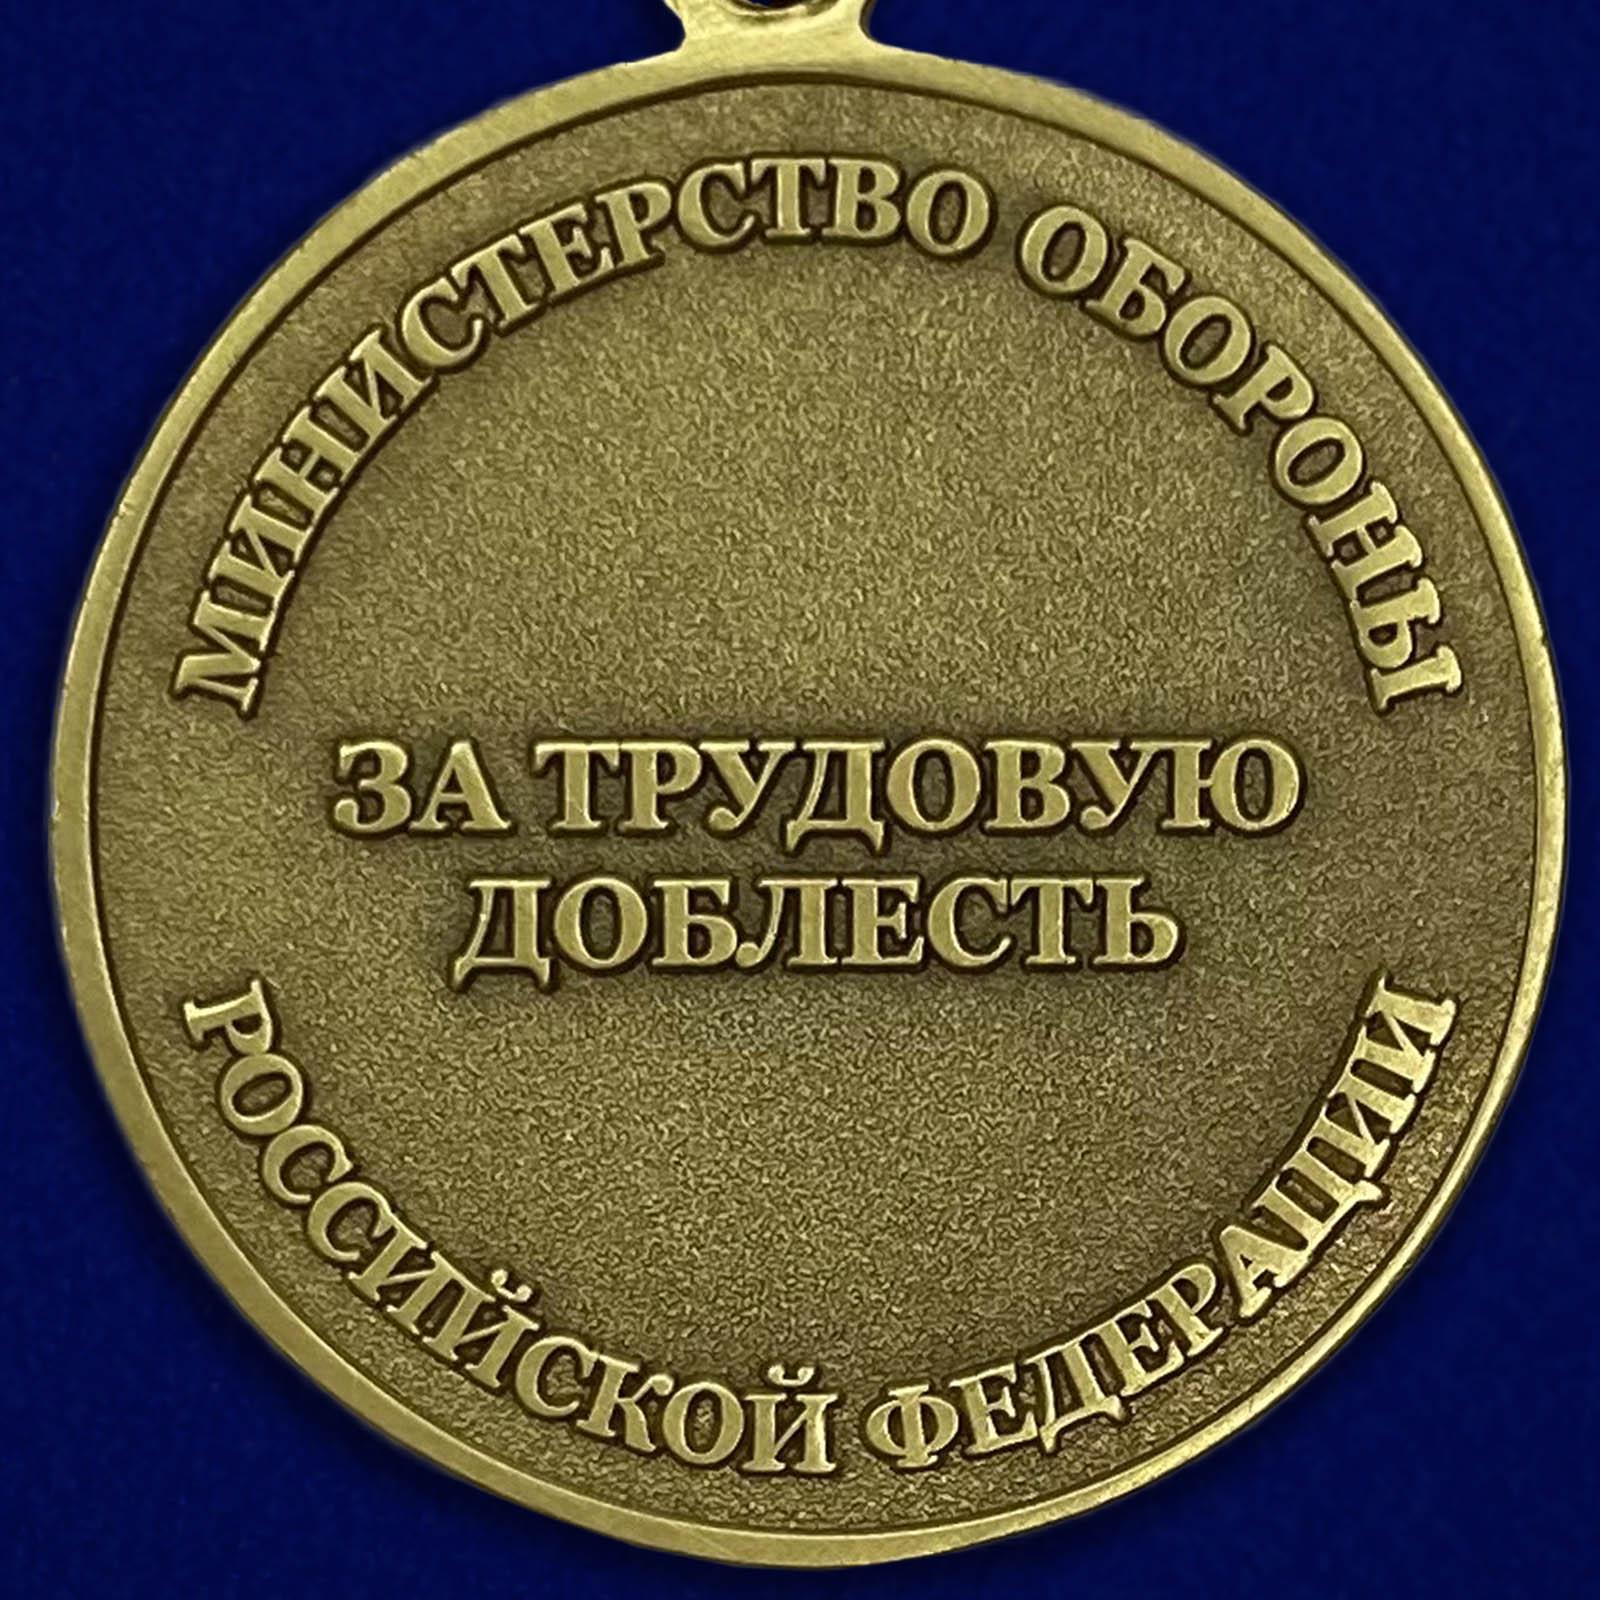 Медаль «За трудовую доблесть» МО - обратная сторона